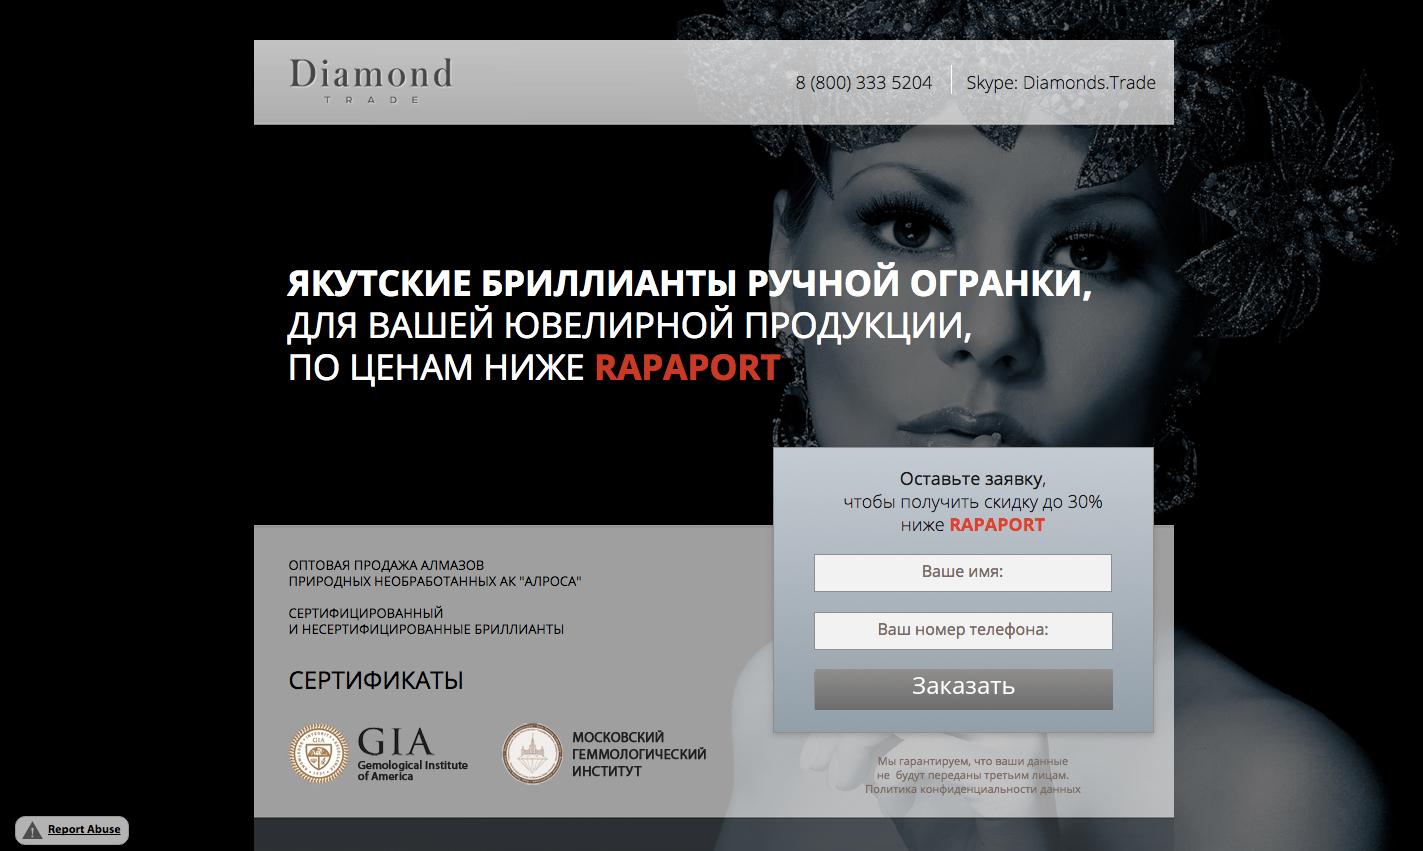 DIAMONDS TRADE